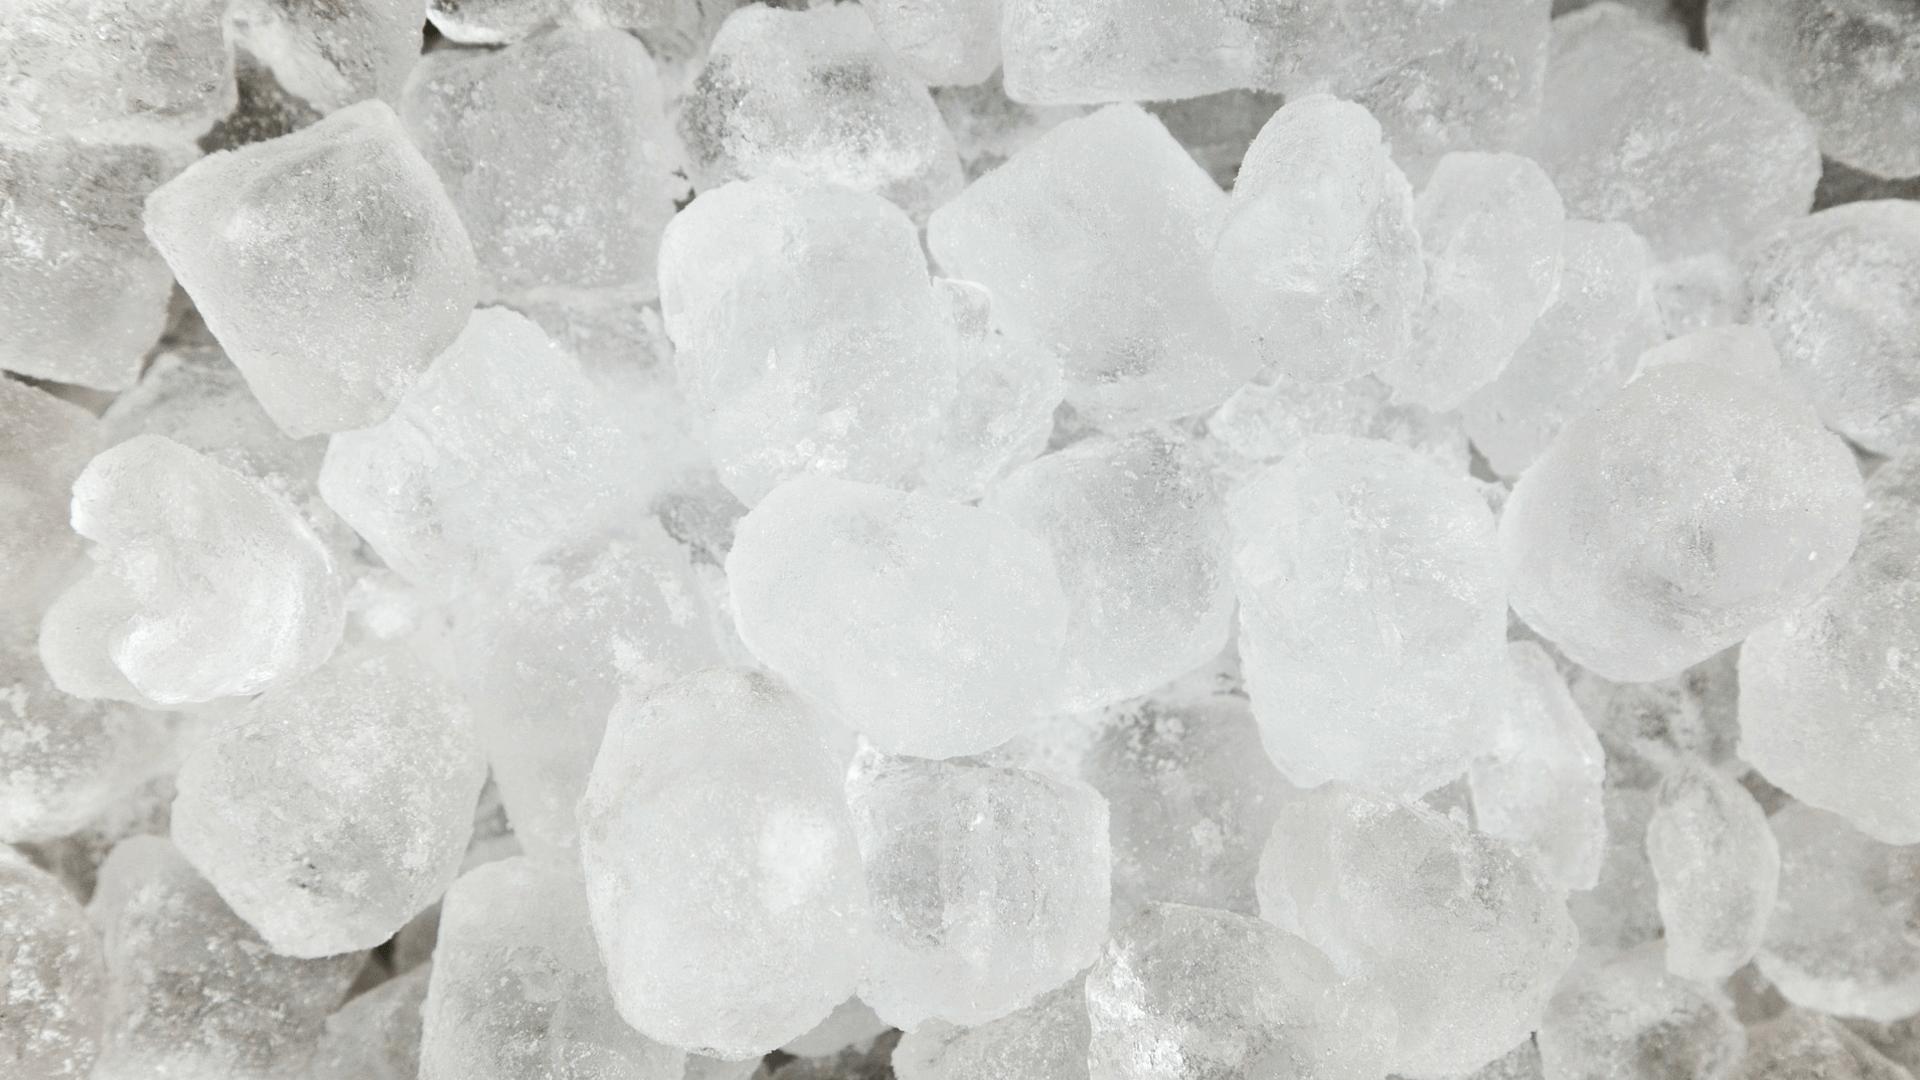 Anomalie des Wassers: Warum nimmt Eis mehr Platz ein als flüssiges Wasser